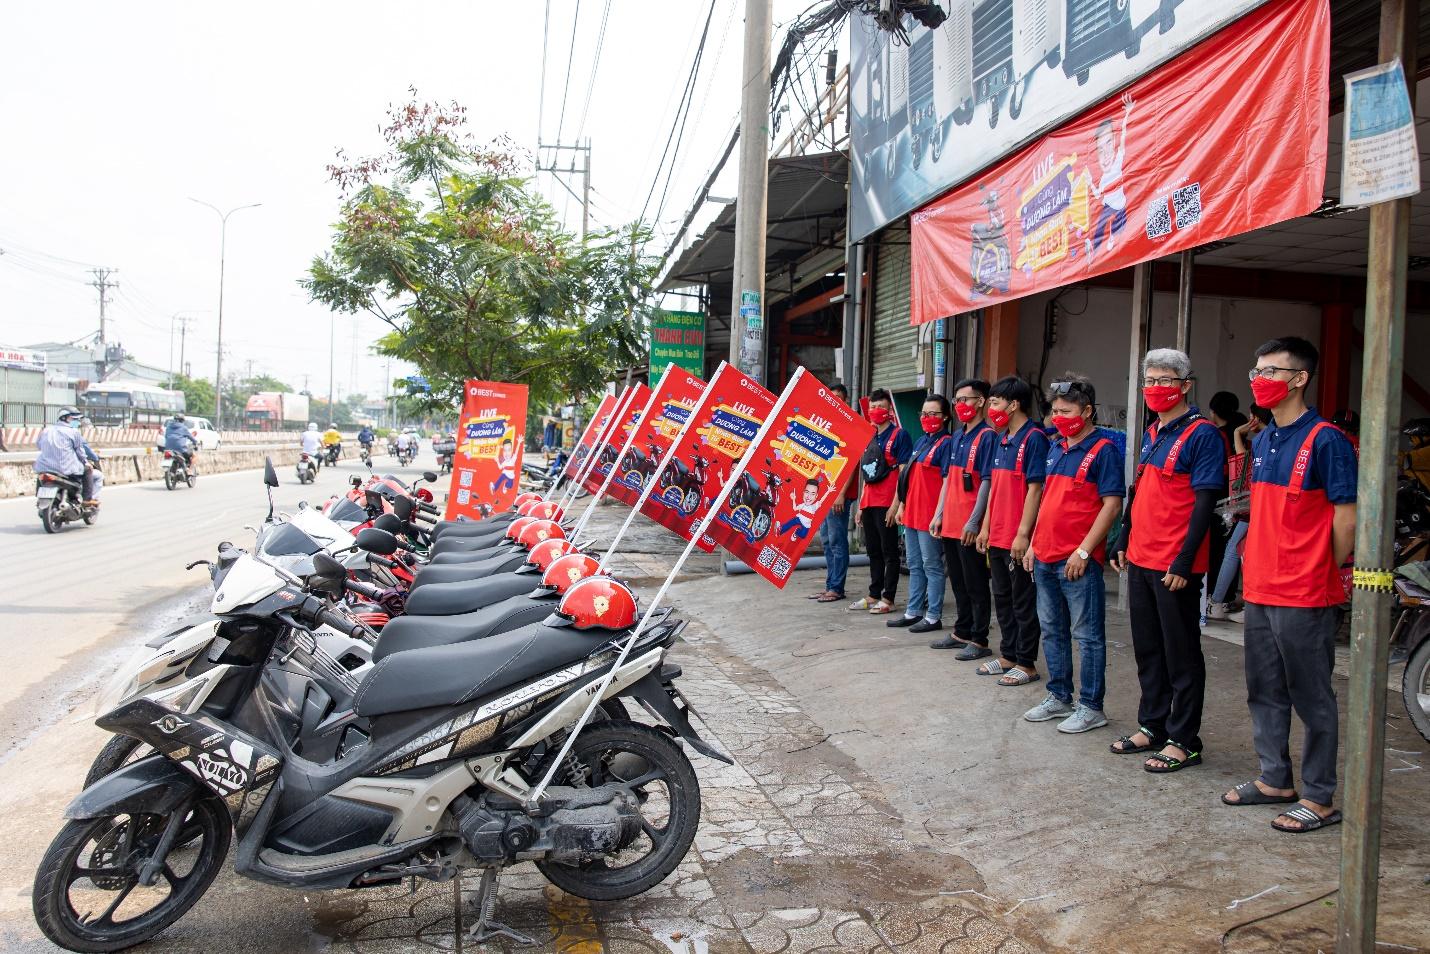 Anh Quang Tuấn và bưu cục Bình Tân tích cực phối hợp với BEST Express Việt Nam triển khai hoạt động quảng bá thương hiệu tại địa phương.